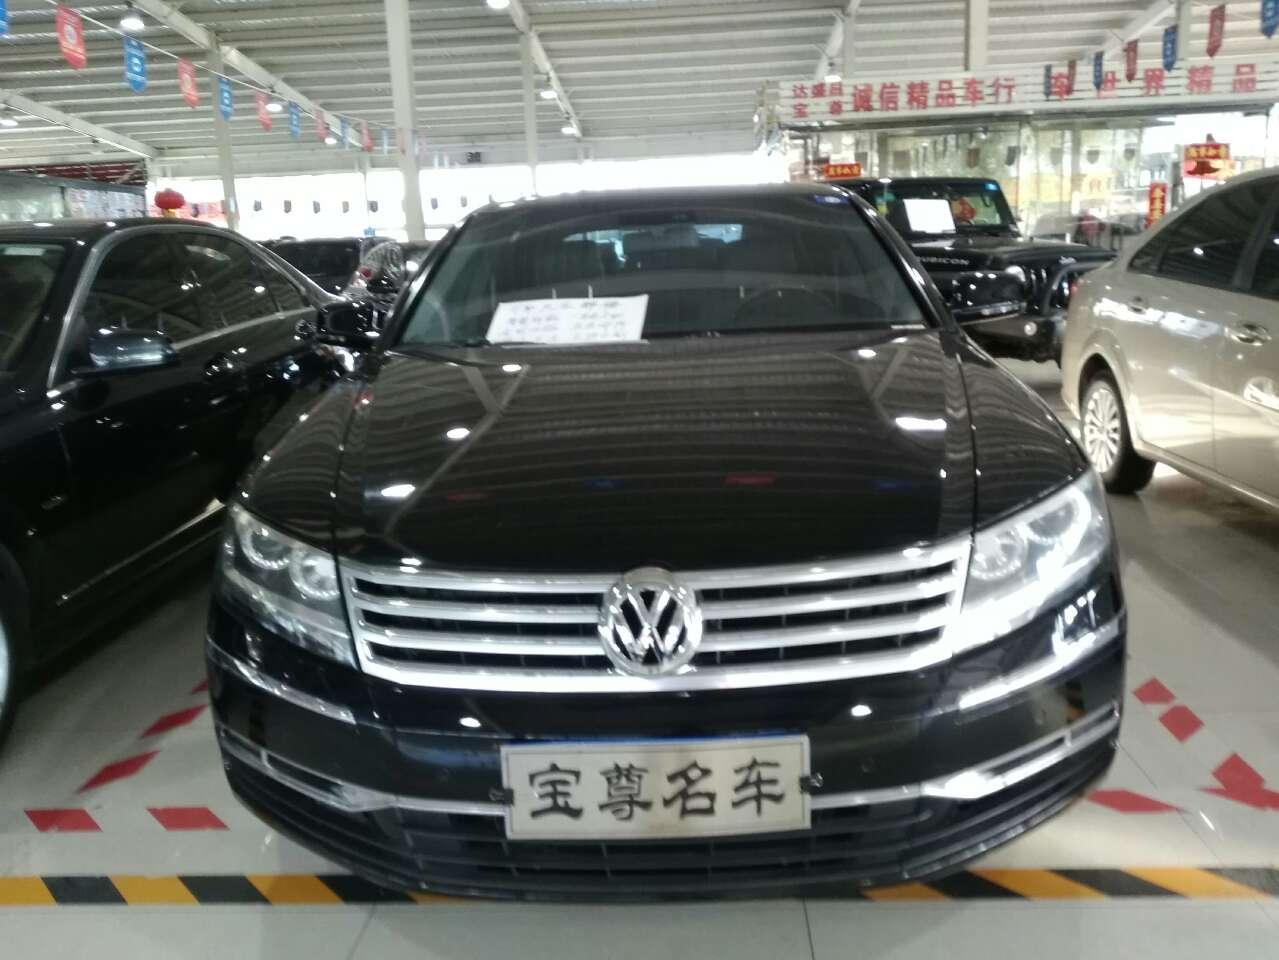 大众辉腾(进口)2011款 辉腾(进口) 3.6L V6 5座加长商务版